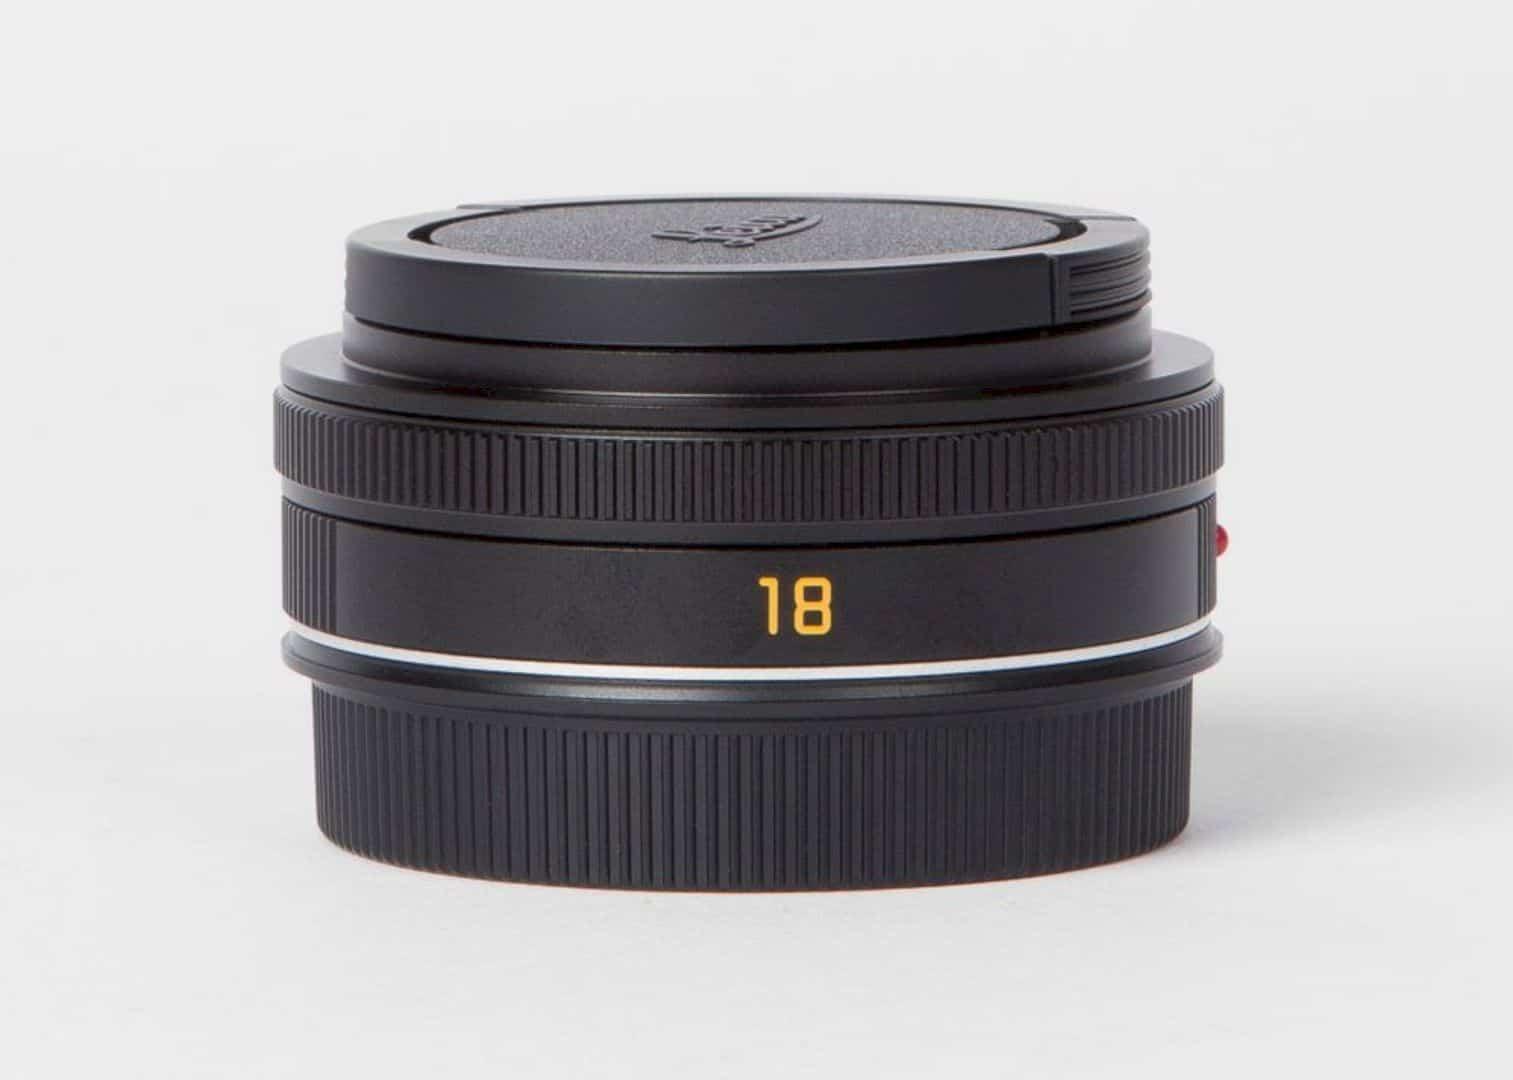 Leica CL Paul Smith Edition 3